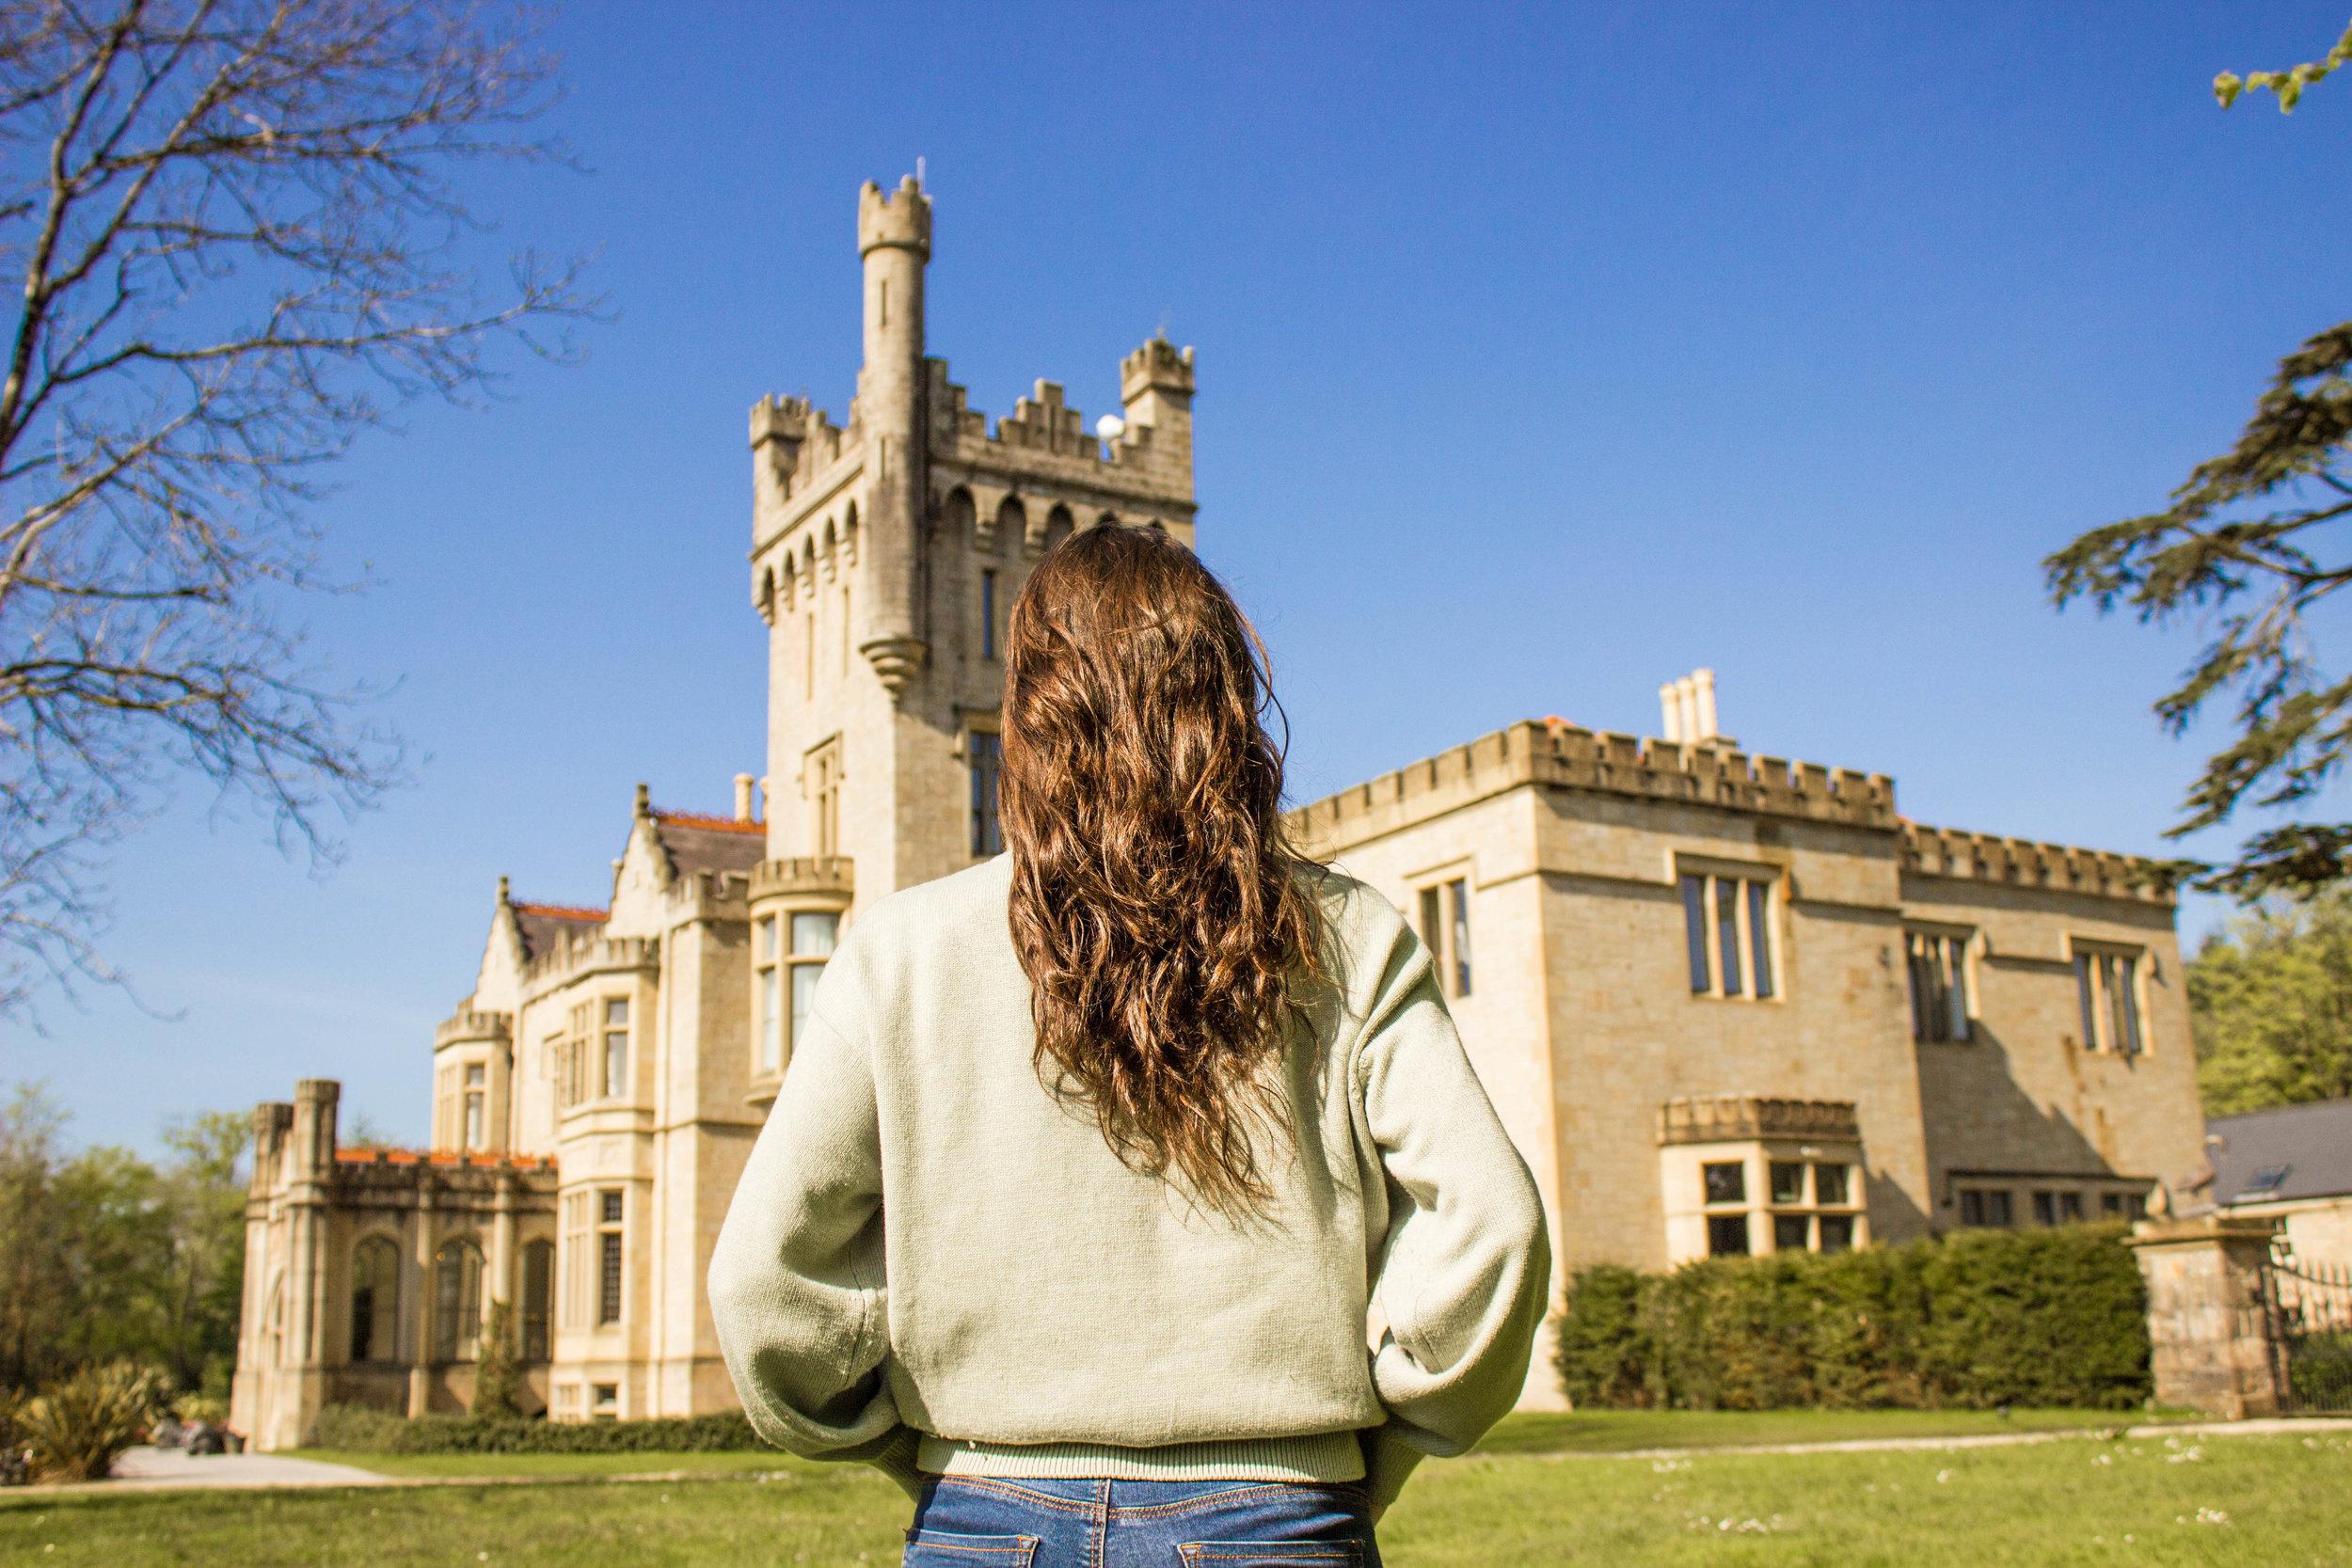 The beautiful Lough Eske Castle